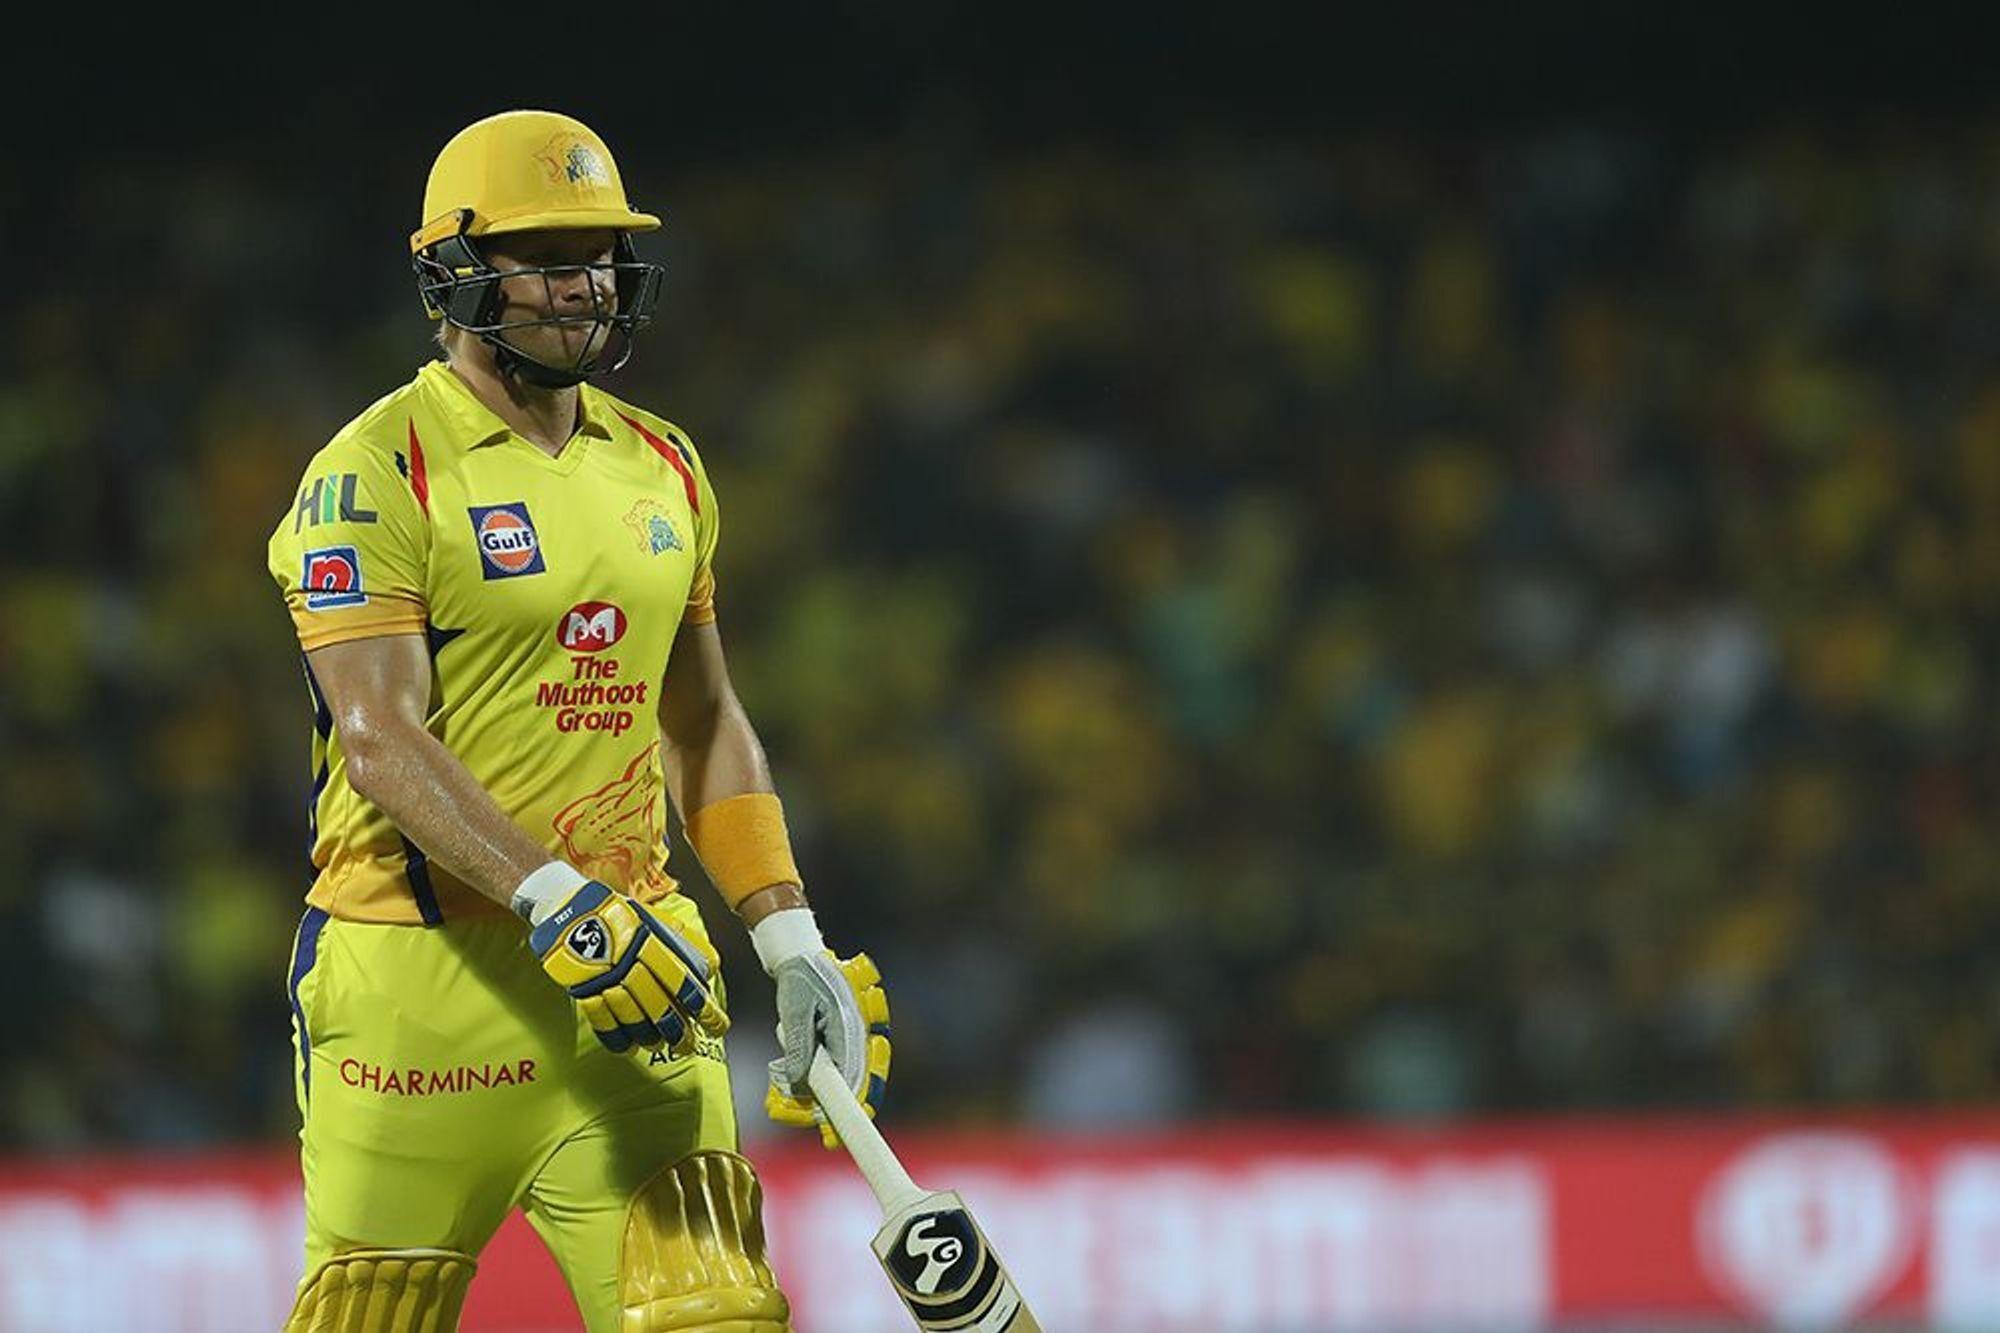 """""""शेन वॉटसन ने चेन्नई सुपर किंग्स के लिए पहले अच्छा खेला है लेकिन अब आगे बढ़ने की जरूरत"""" 26"""